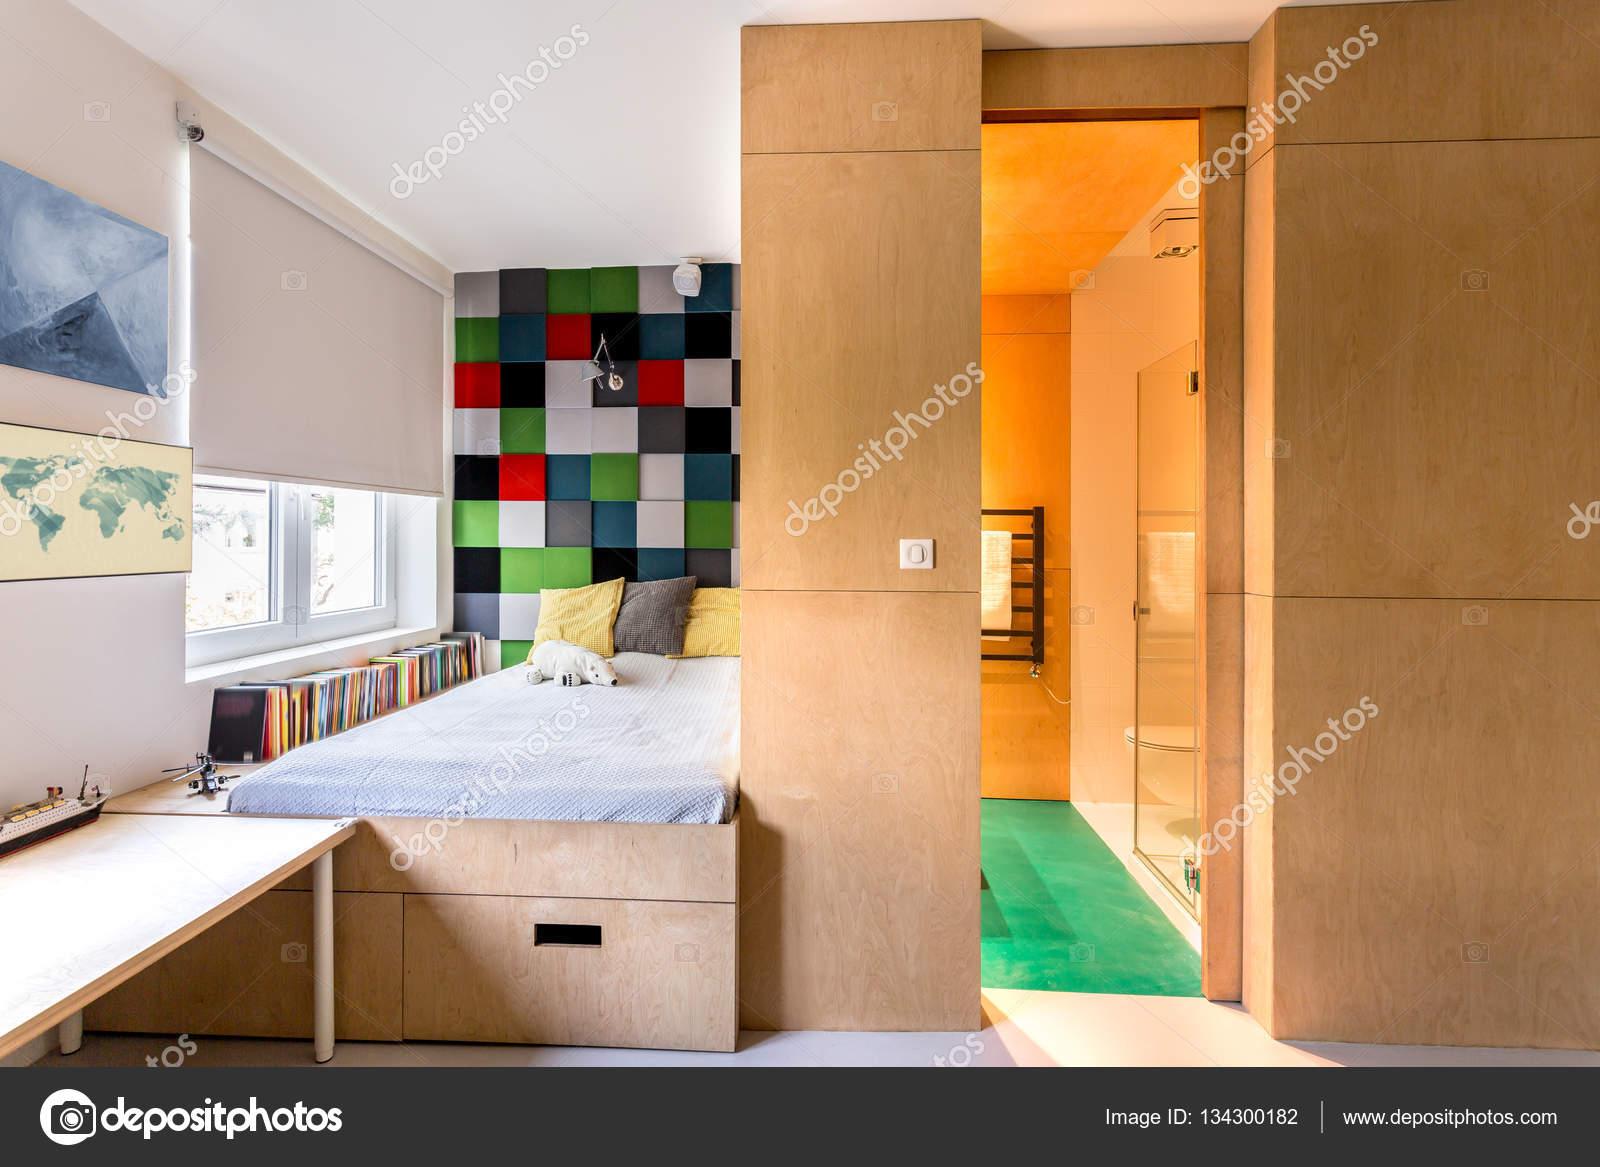 camerette moderne con pareti in legno foto stock